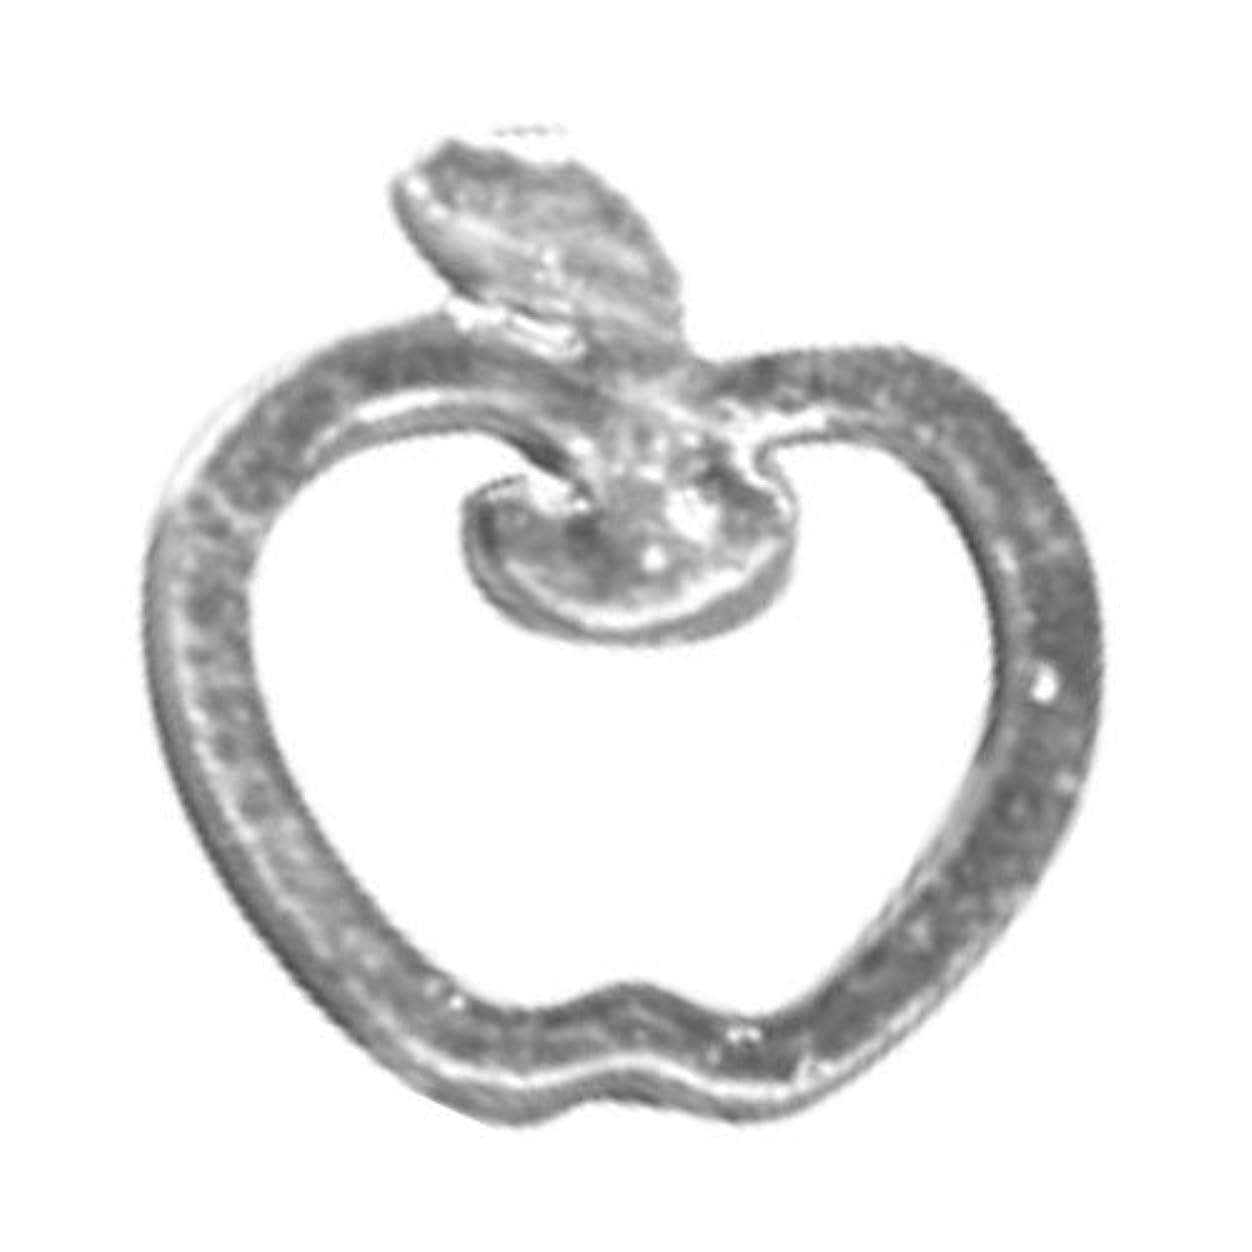 毎月準拠以上リトルプリティー ネイルアートパーツ リンゴ SS シルバー 10個